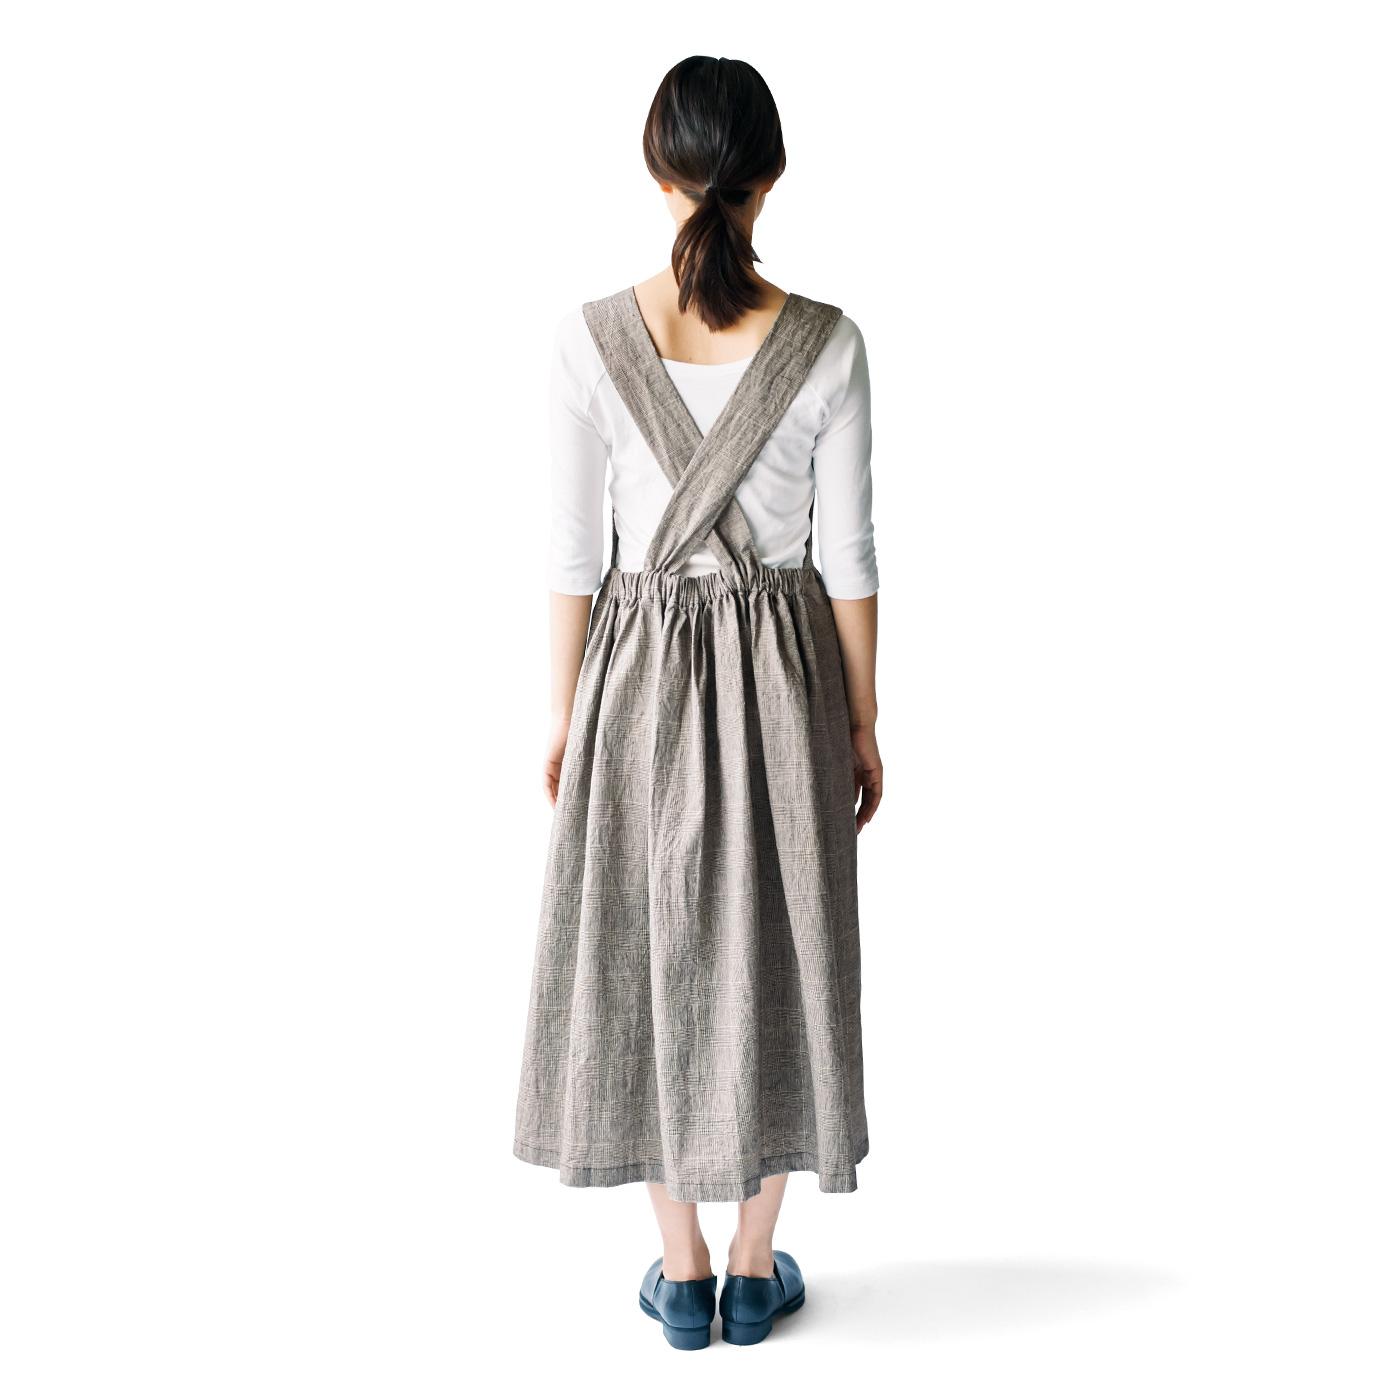 ジャンパースカートのバックスタイルは、身ごろのないクロスデザインで変化をつけて。